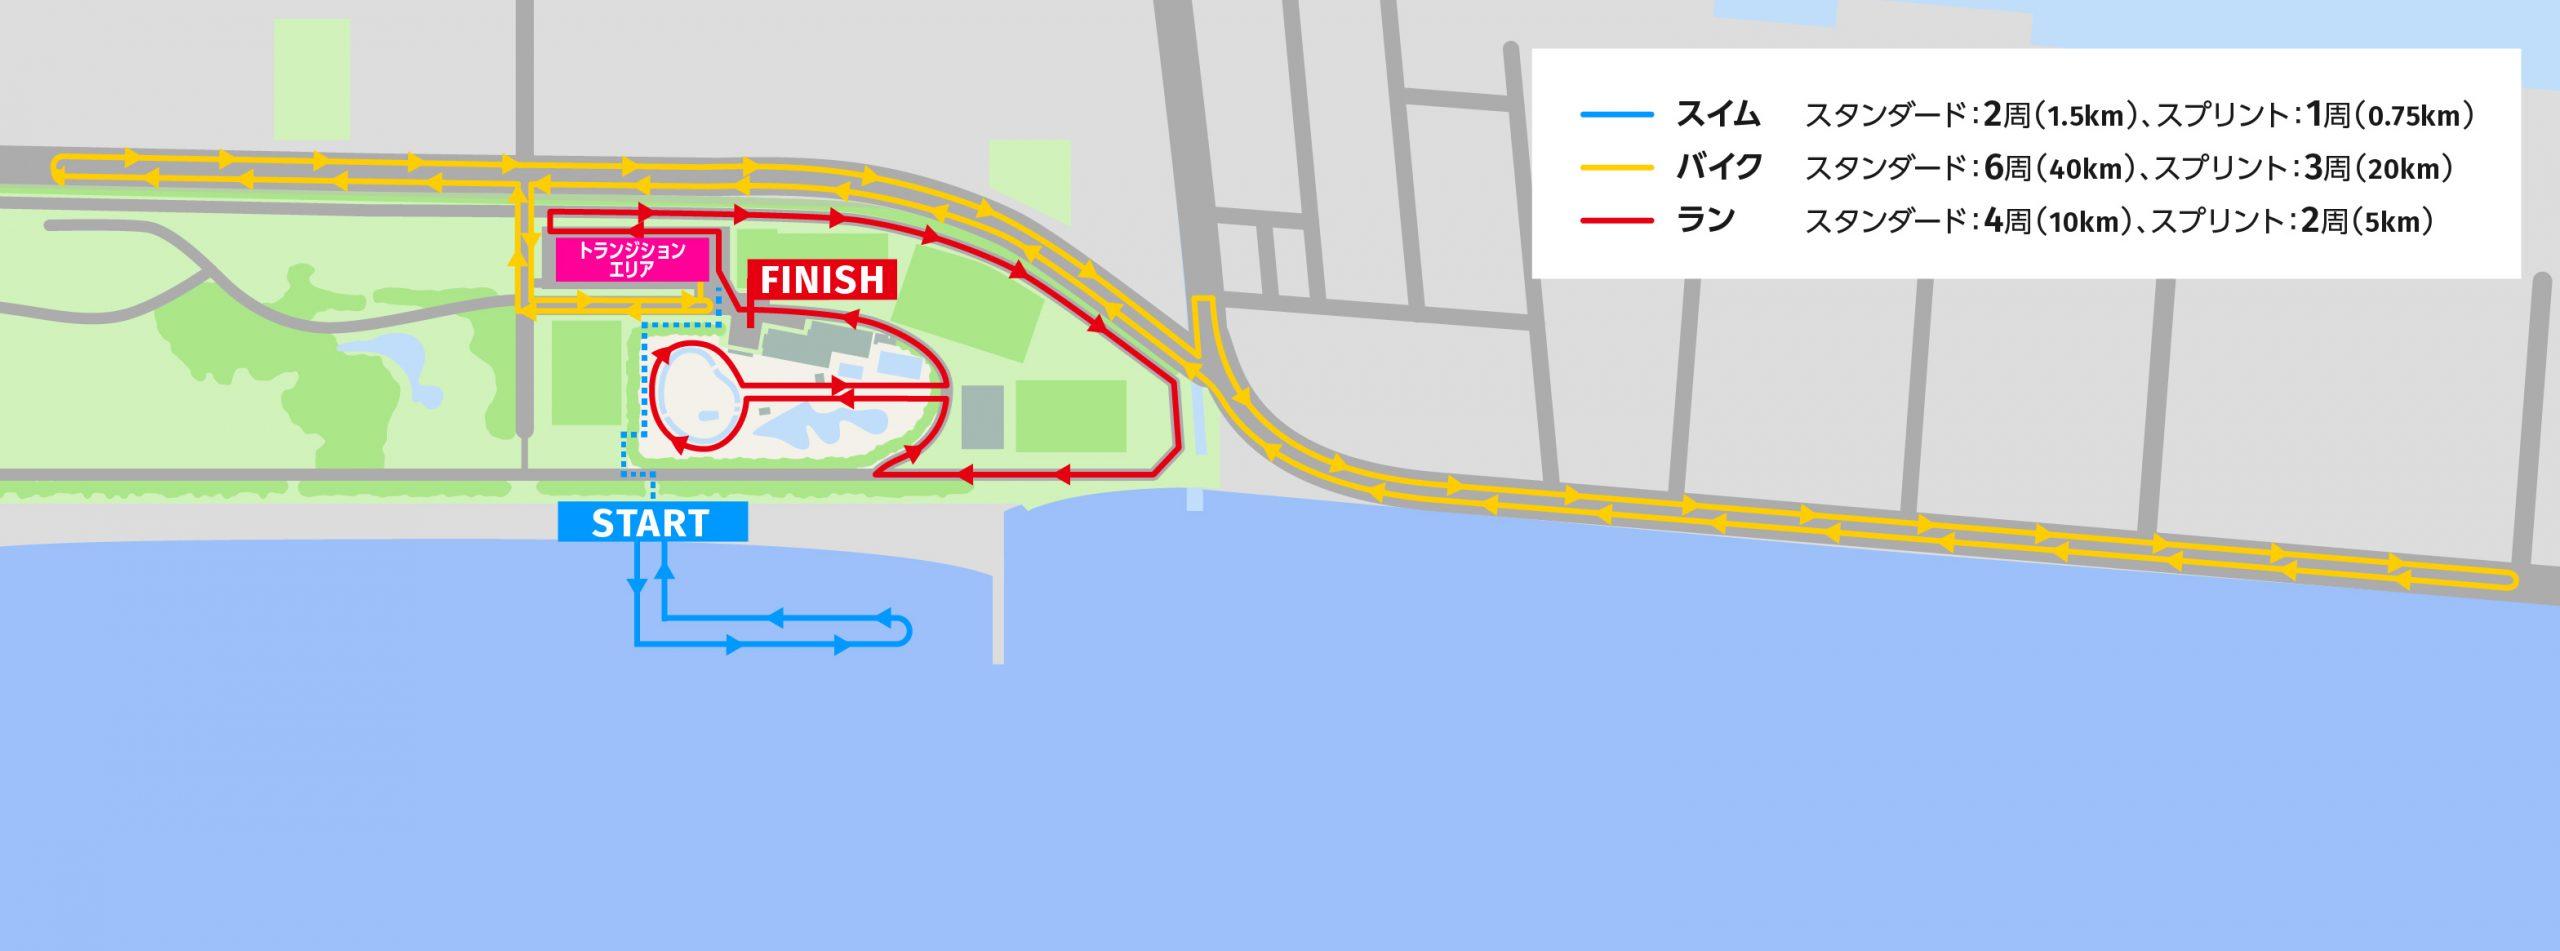 コース全体図:スタンダード、スプリント